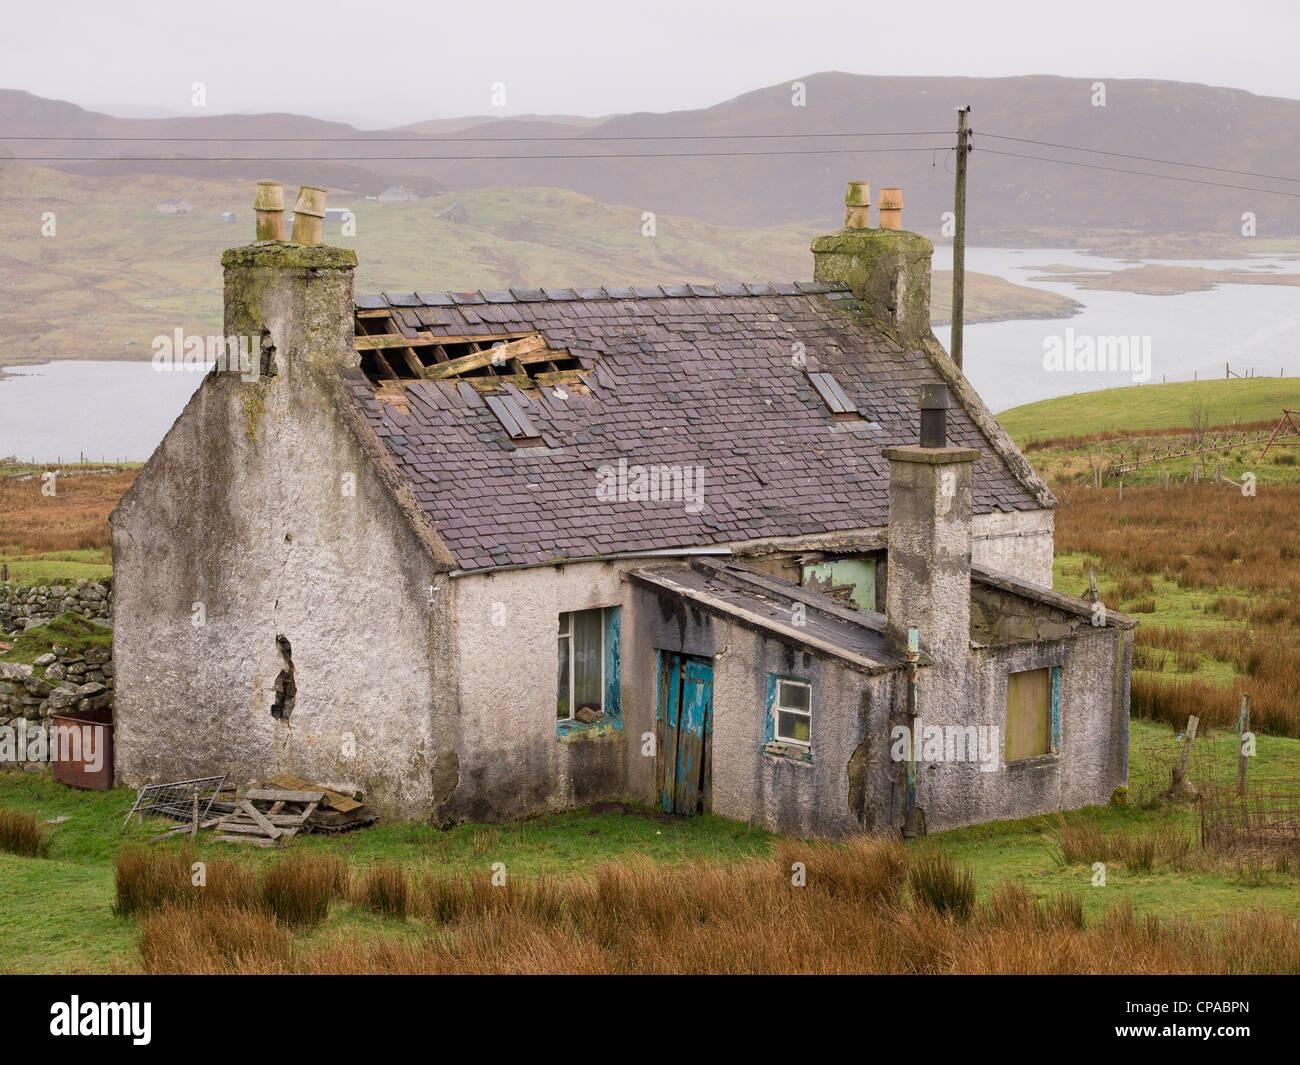 Deanwood Real Estate Isle Of Man 16